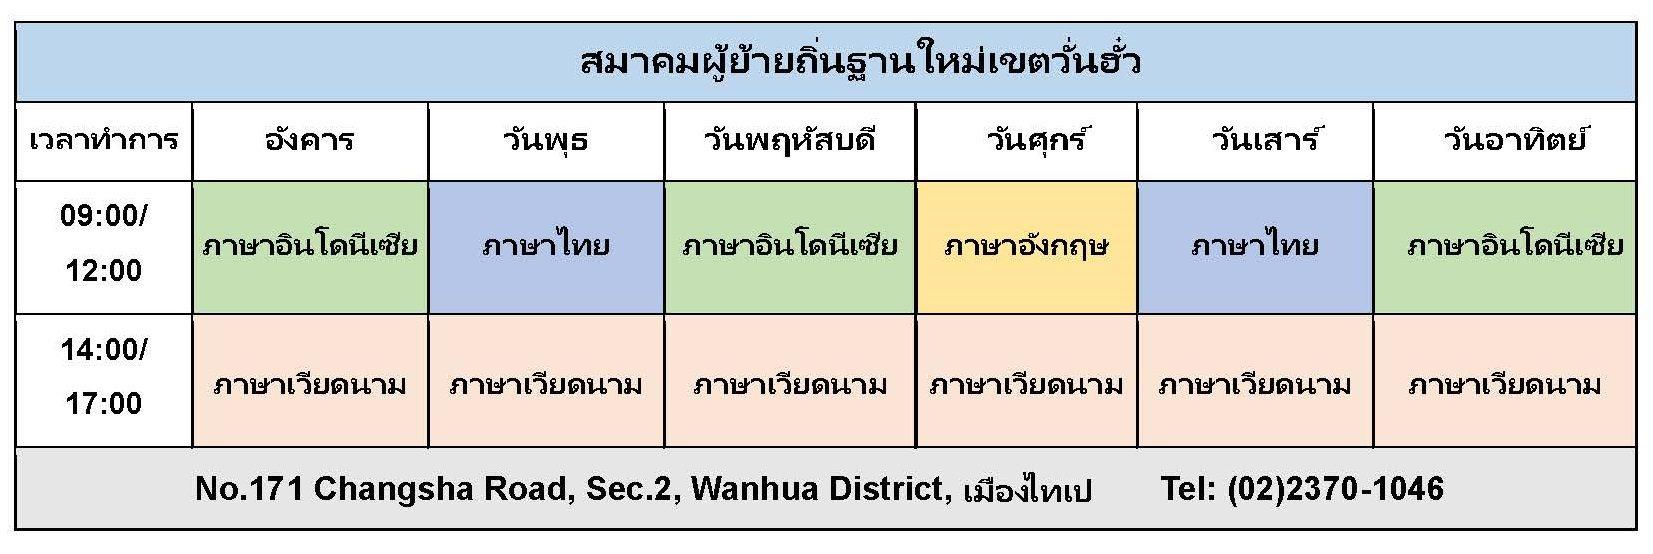 會館通譯服務時間表